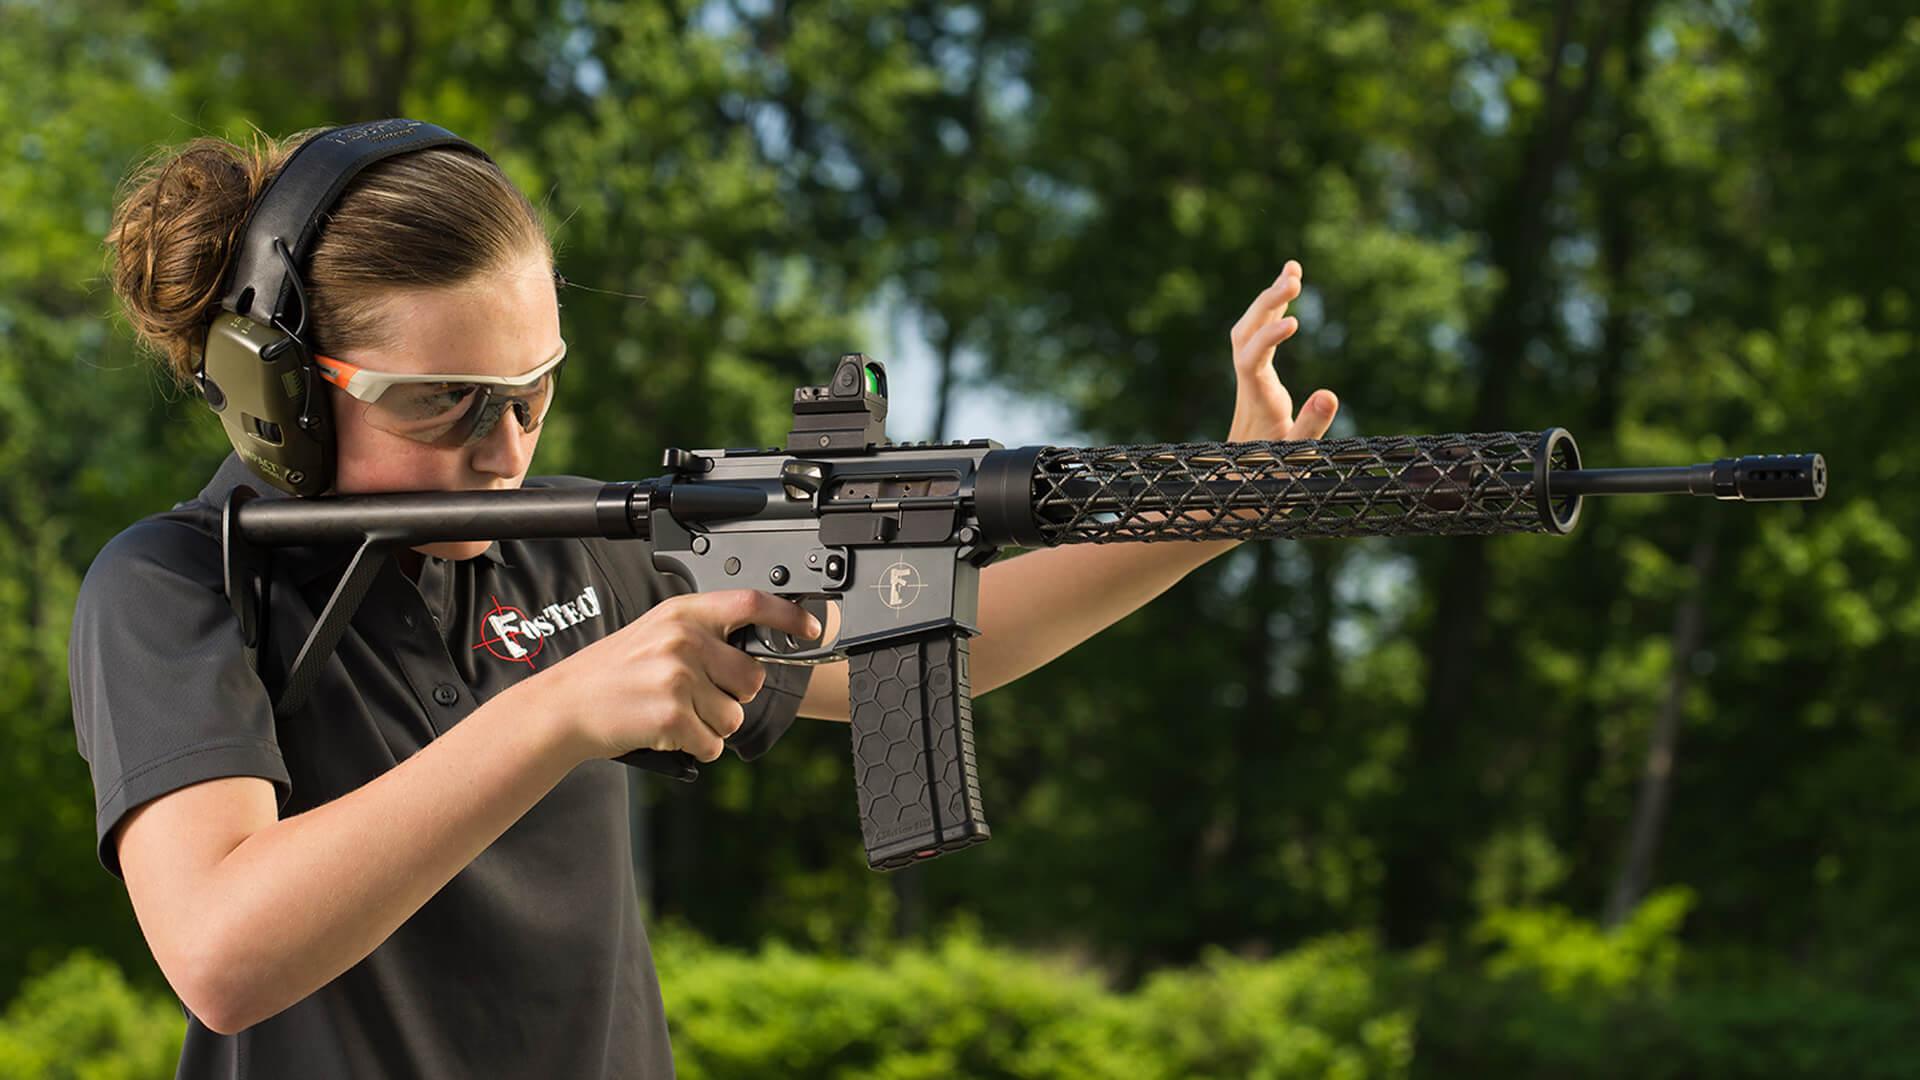 NRA Bans Guns During Pence Speech